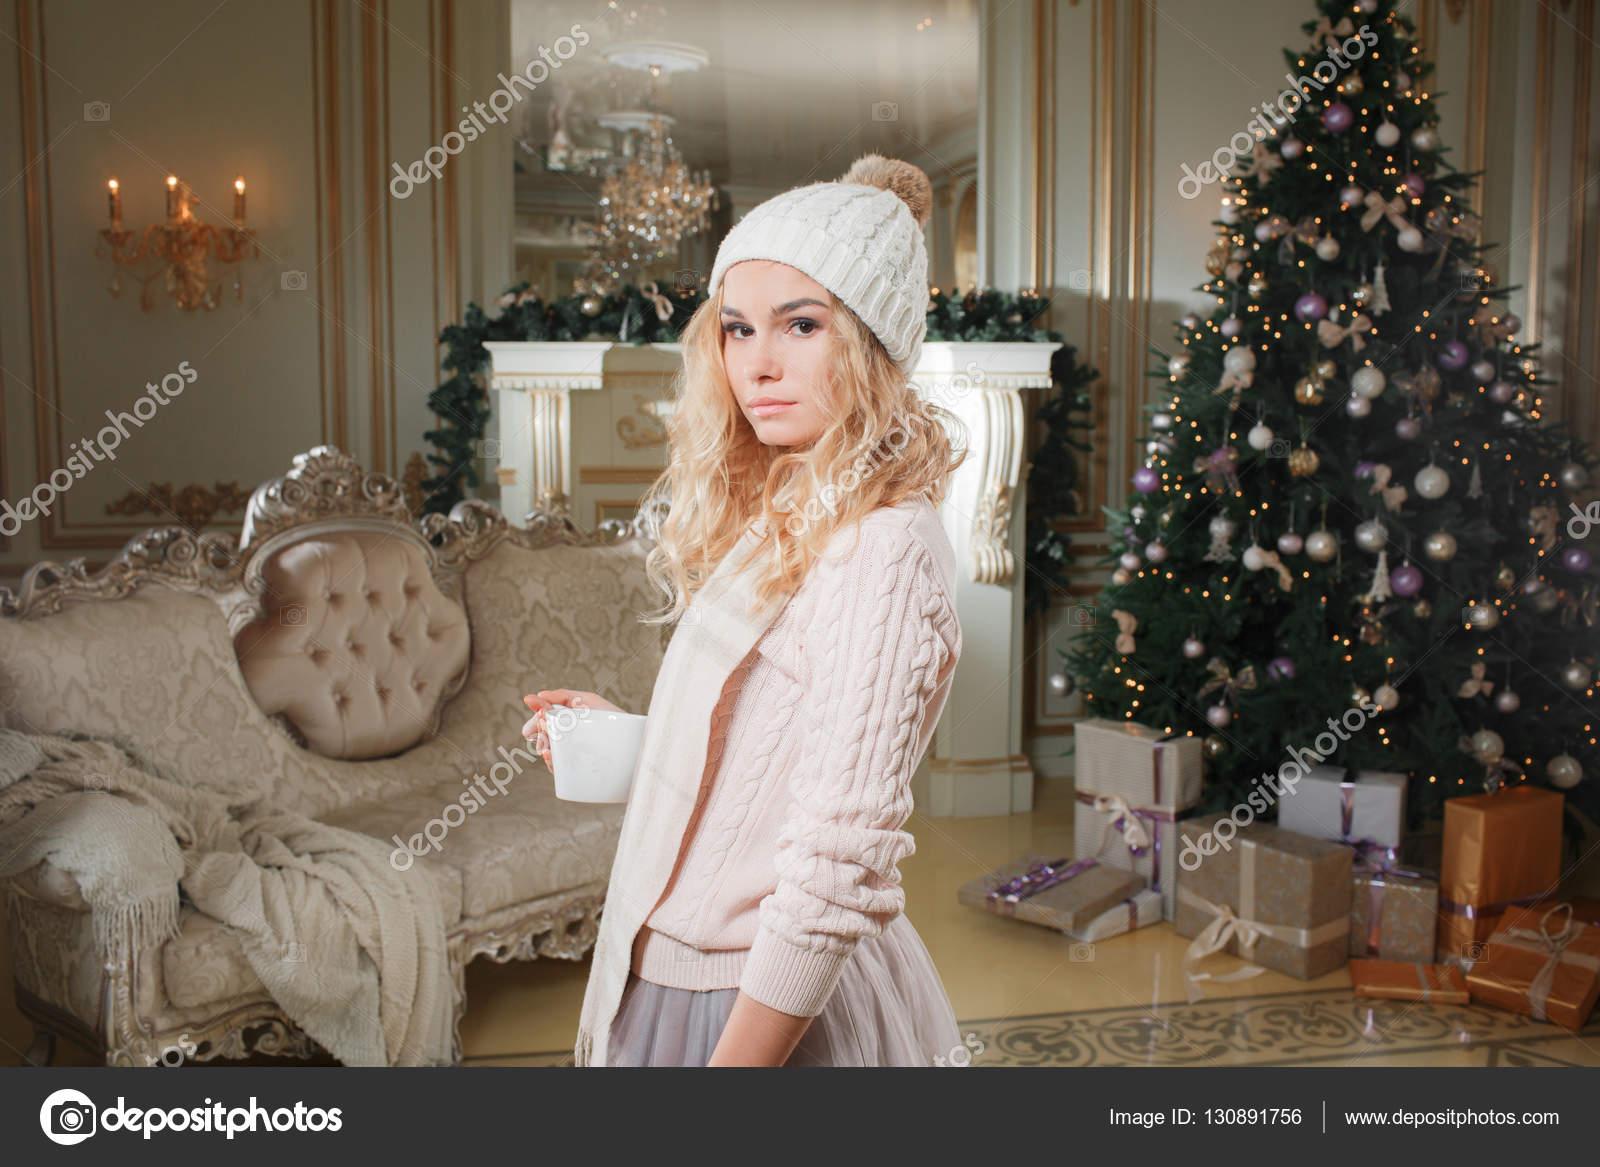 d8efd03bad Noche de Navidad. Joven hermosa mujer rubia con taza de café en  apartamentos clásico decorado una chimenea blanca